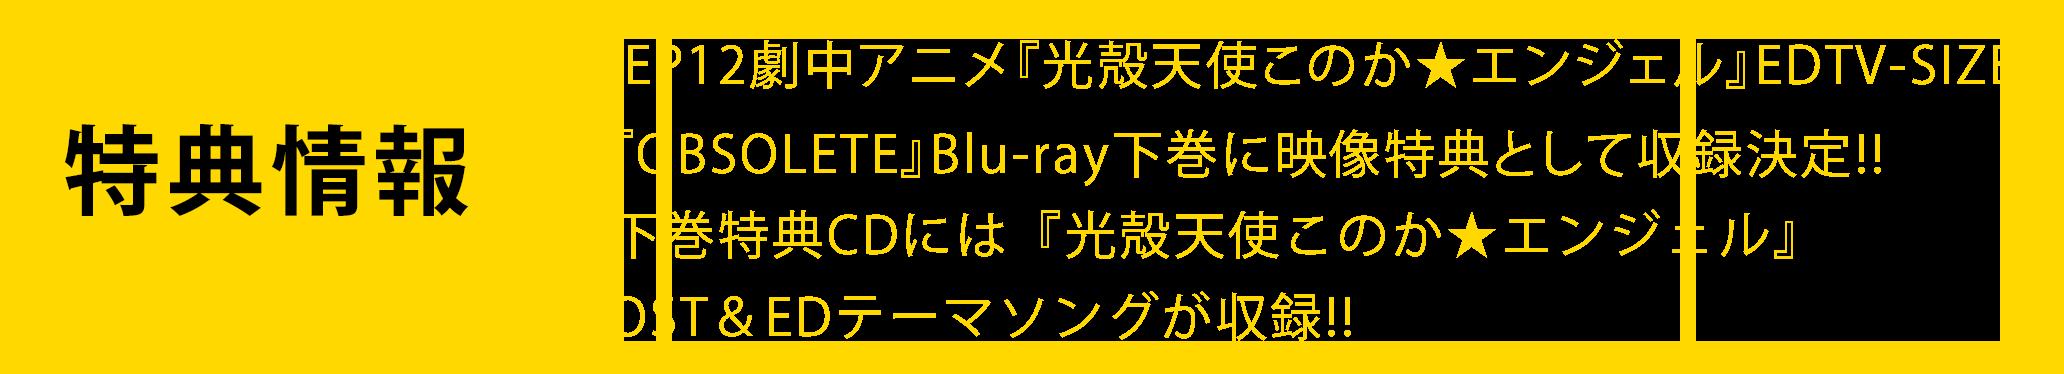 特典情報 EP12劇中アニメ『光殻天使このか★エンジェル』EDTV-SIZE 『OBSOLETE』Blu-ray下巻に映像特典として収録決定!!